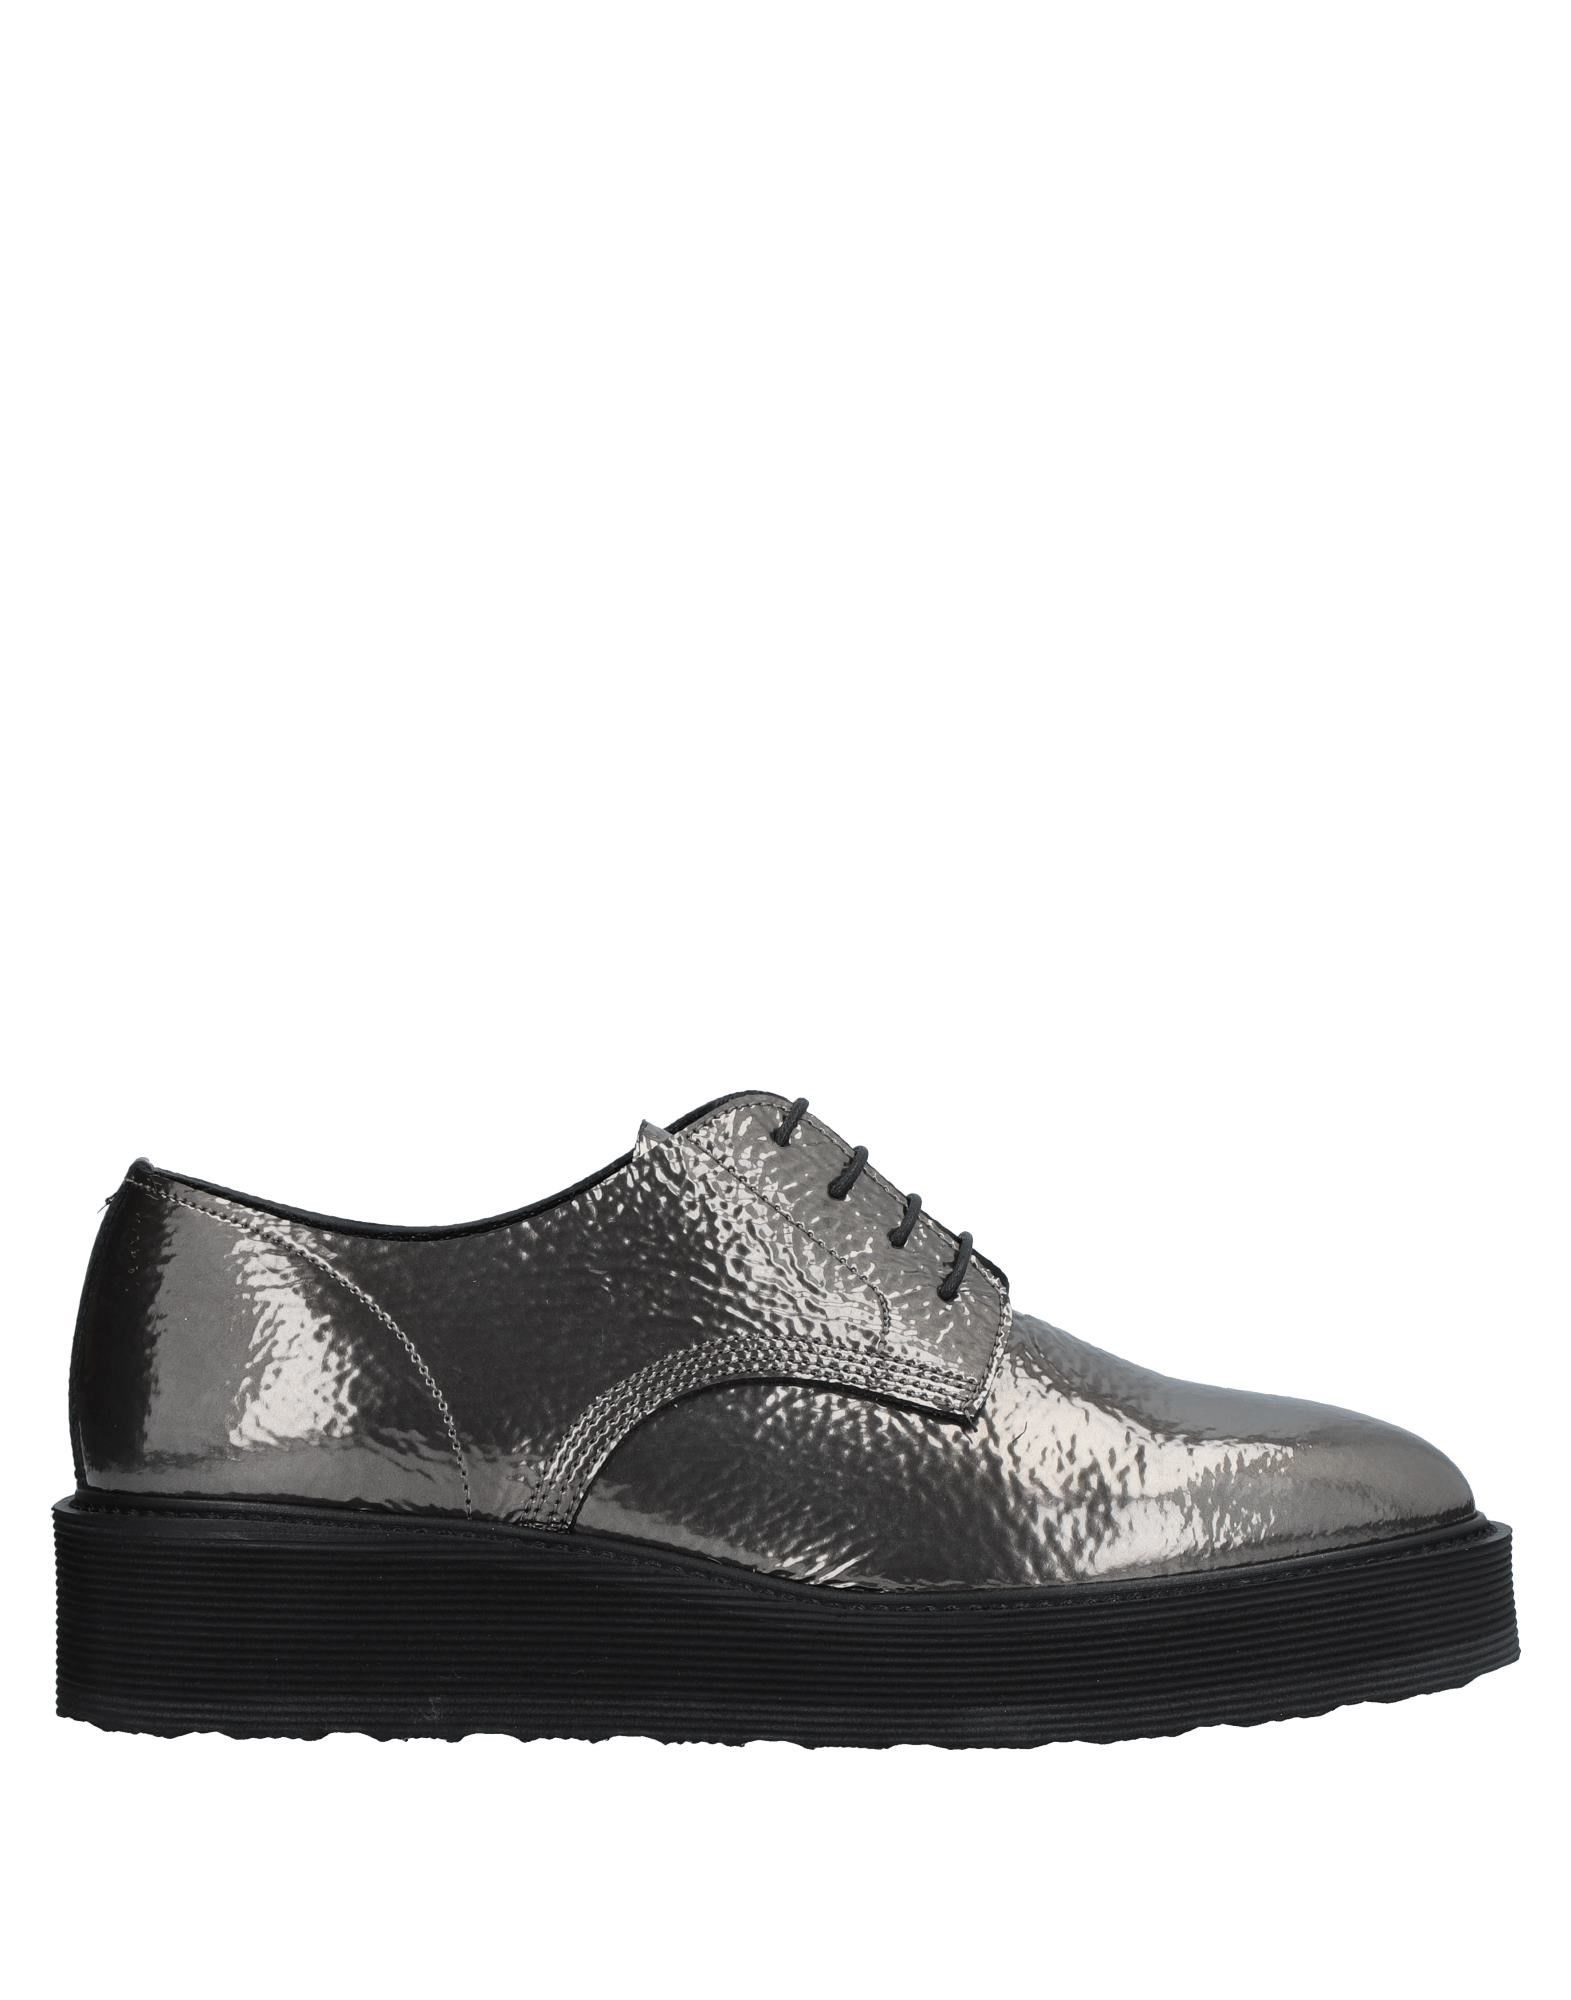 Premiata Schnürschuhe Damen  11529513BHGut aussehende strapazierfähige Schuhe